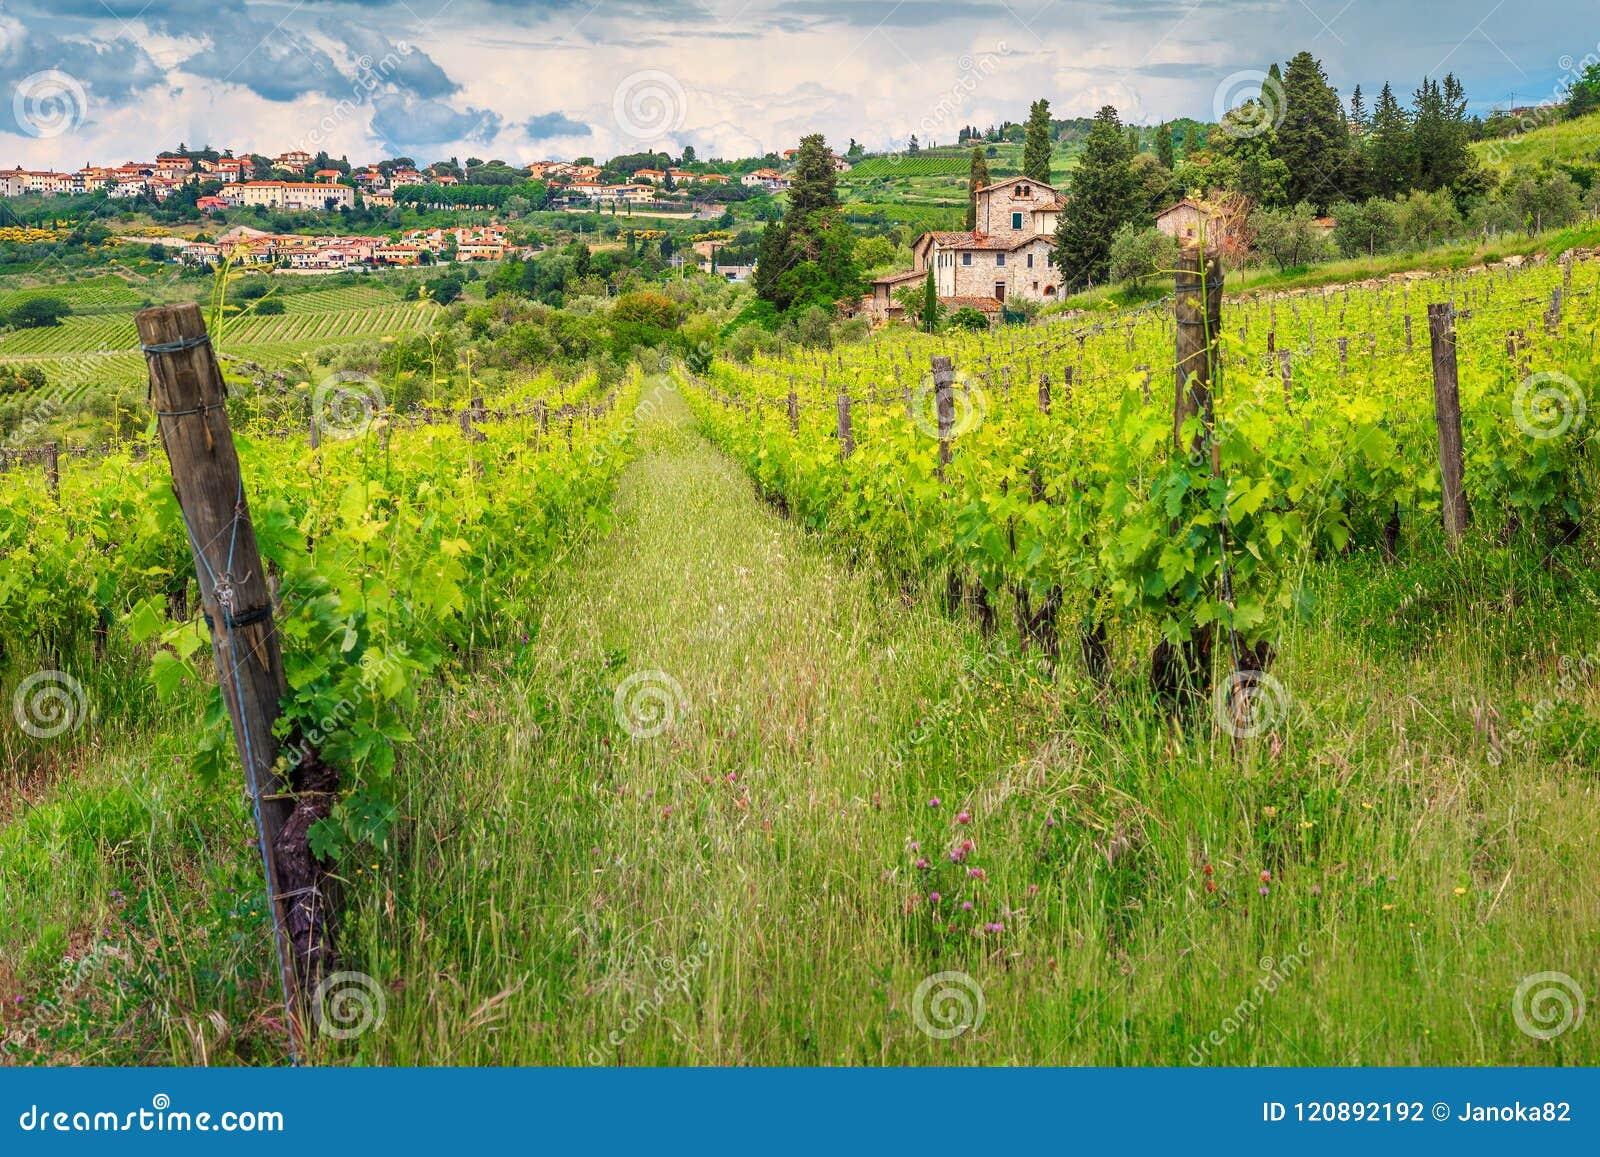 有石房子的壮观的葡萄园, Chianti地区,托斯卡纳,意大利,欧洲